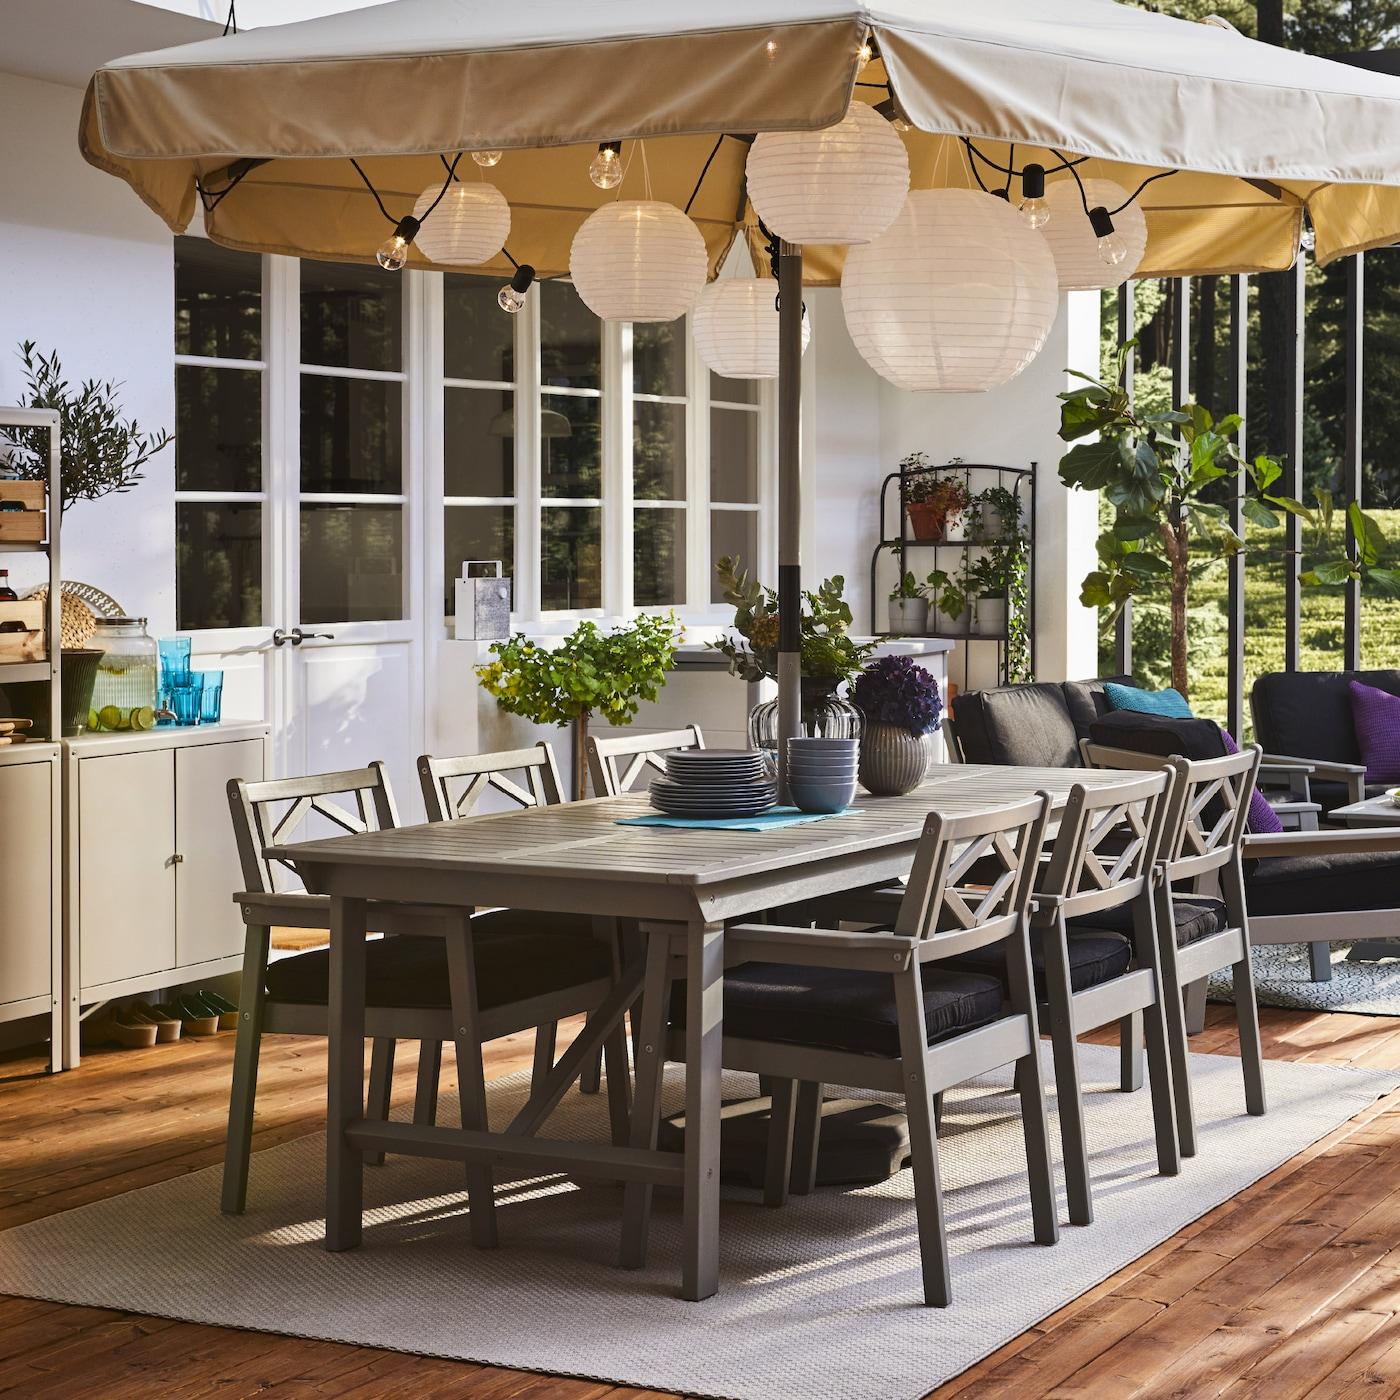 Idee per arredare il tuo spazio all'aperto - IKEA IT